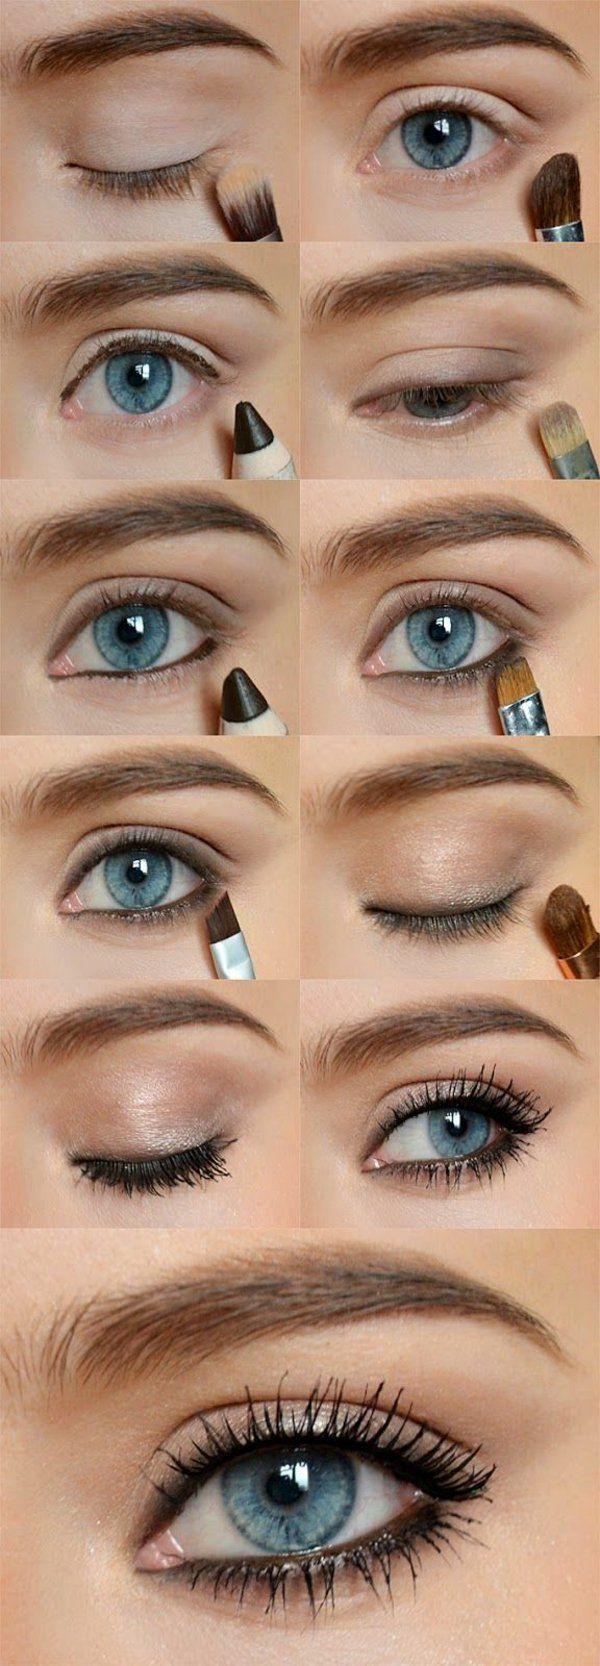 Augen Make Up Schritt für Schritt - so schminken Sie Ihre Augen größer #beautyhacks